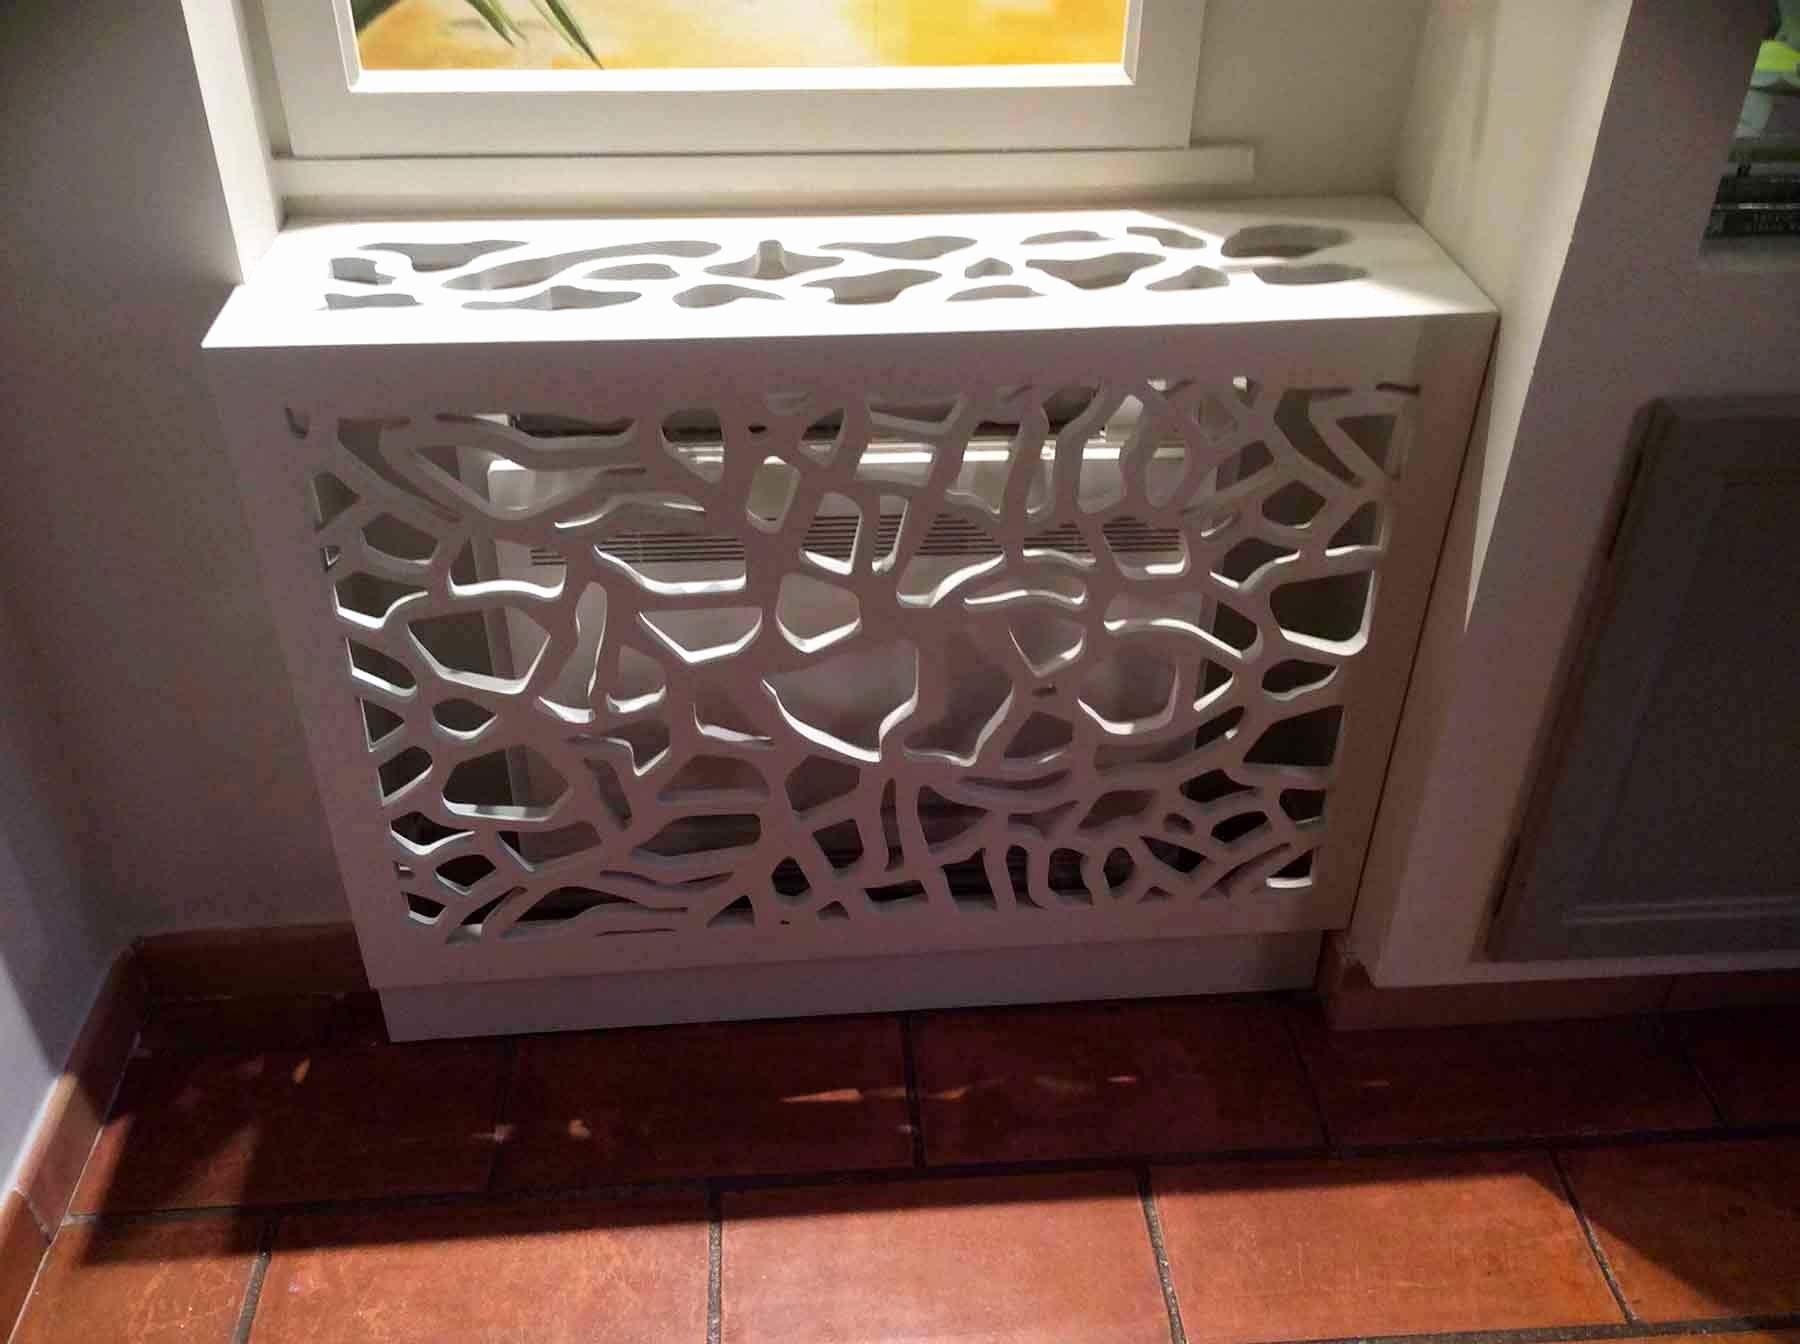 cache climatisation castorama beau meuble cache radiateur cache clim porsche cayenne n1 3 0d v6 et of cache climatisation castorama